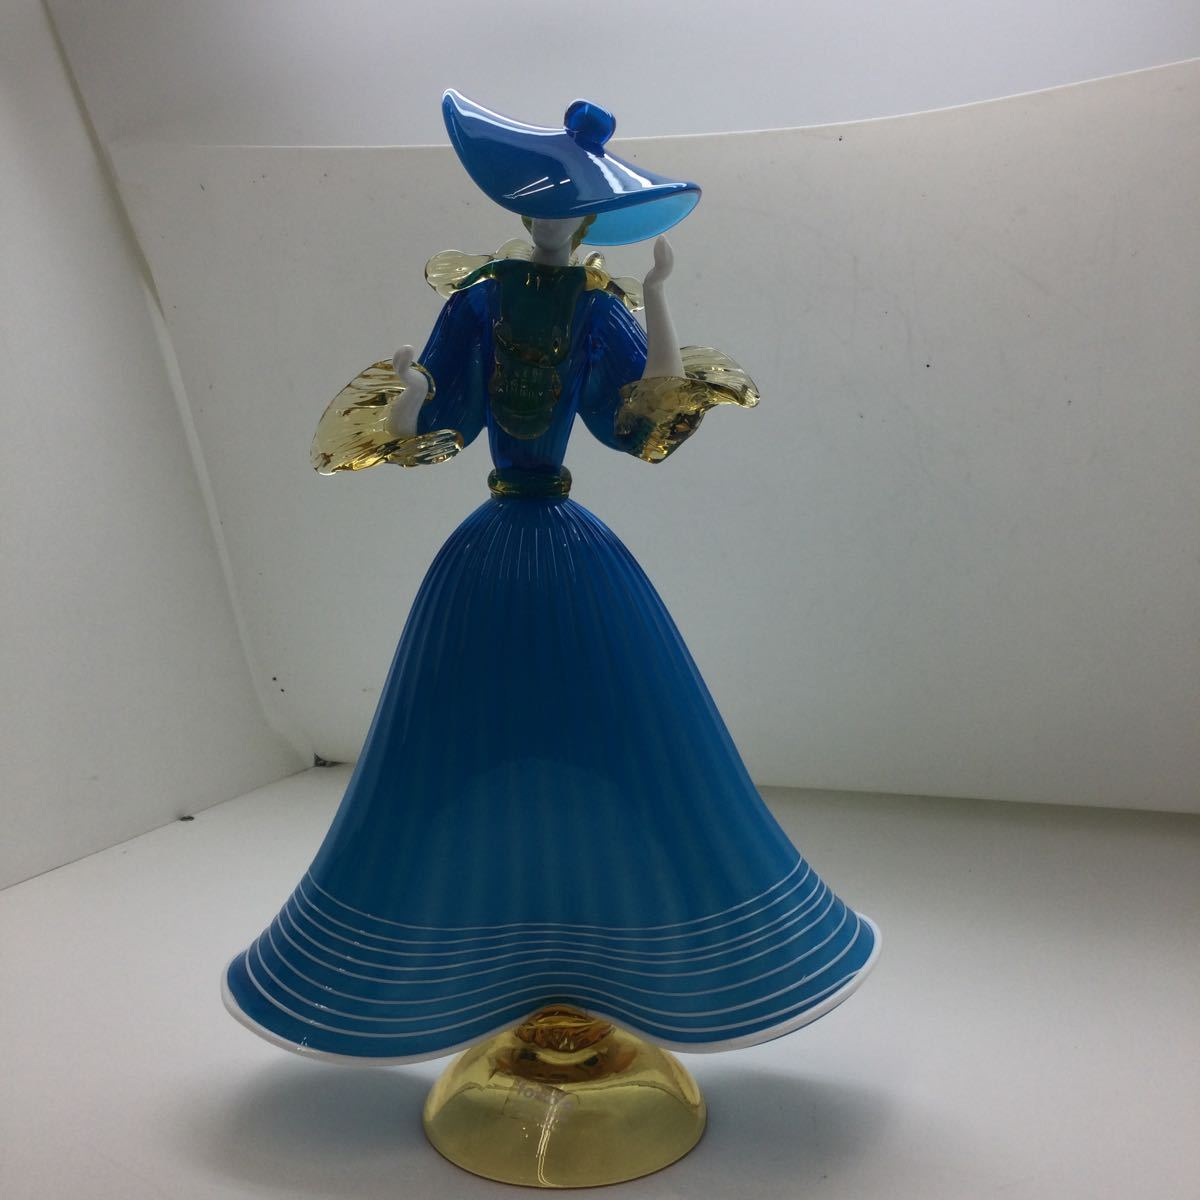 【MADE IN ITALY】ムラーノ ガラス インテリア 工芸 置物 オブジェ formia VETRI DI MURANO イタリア製 を買取りさせて頂きました。の買取-